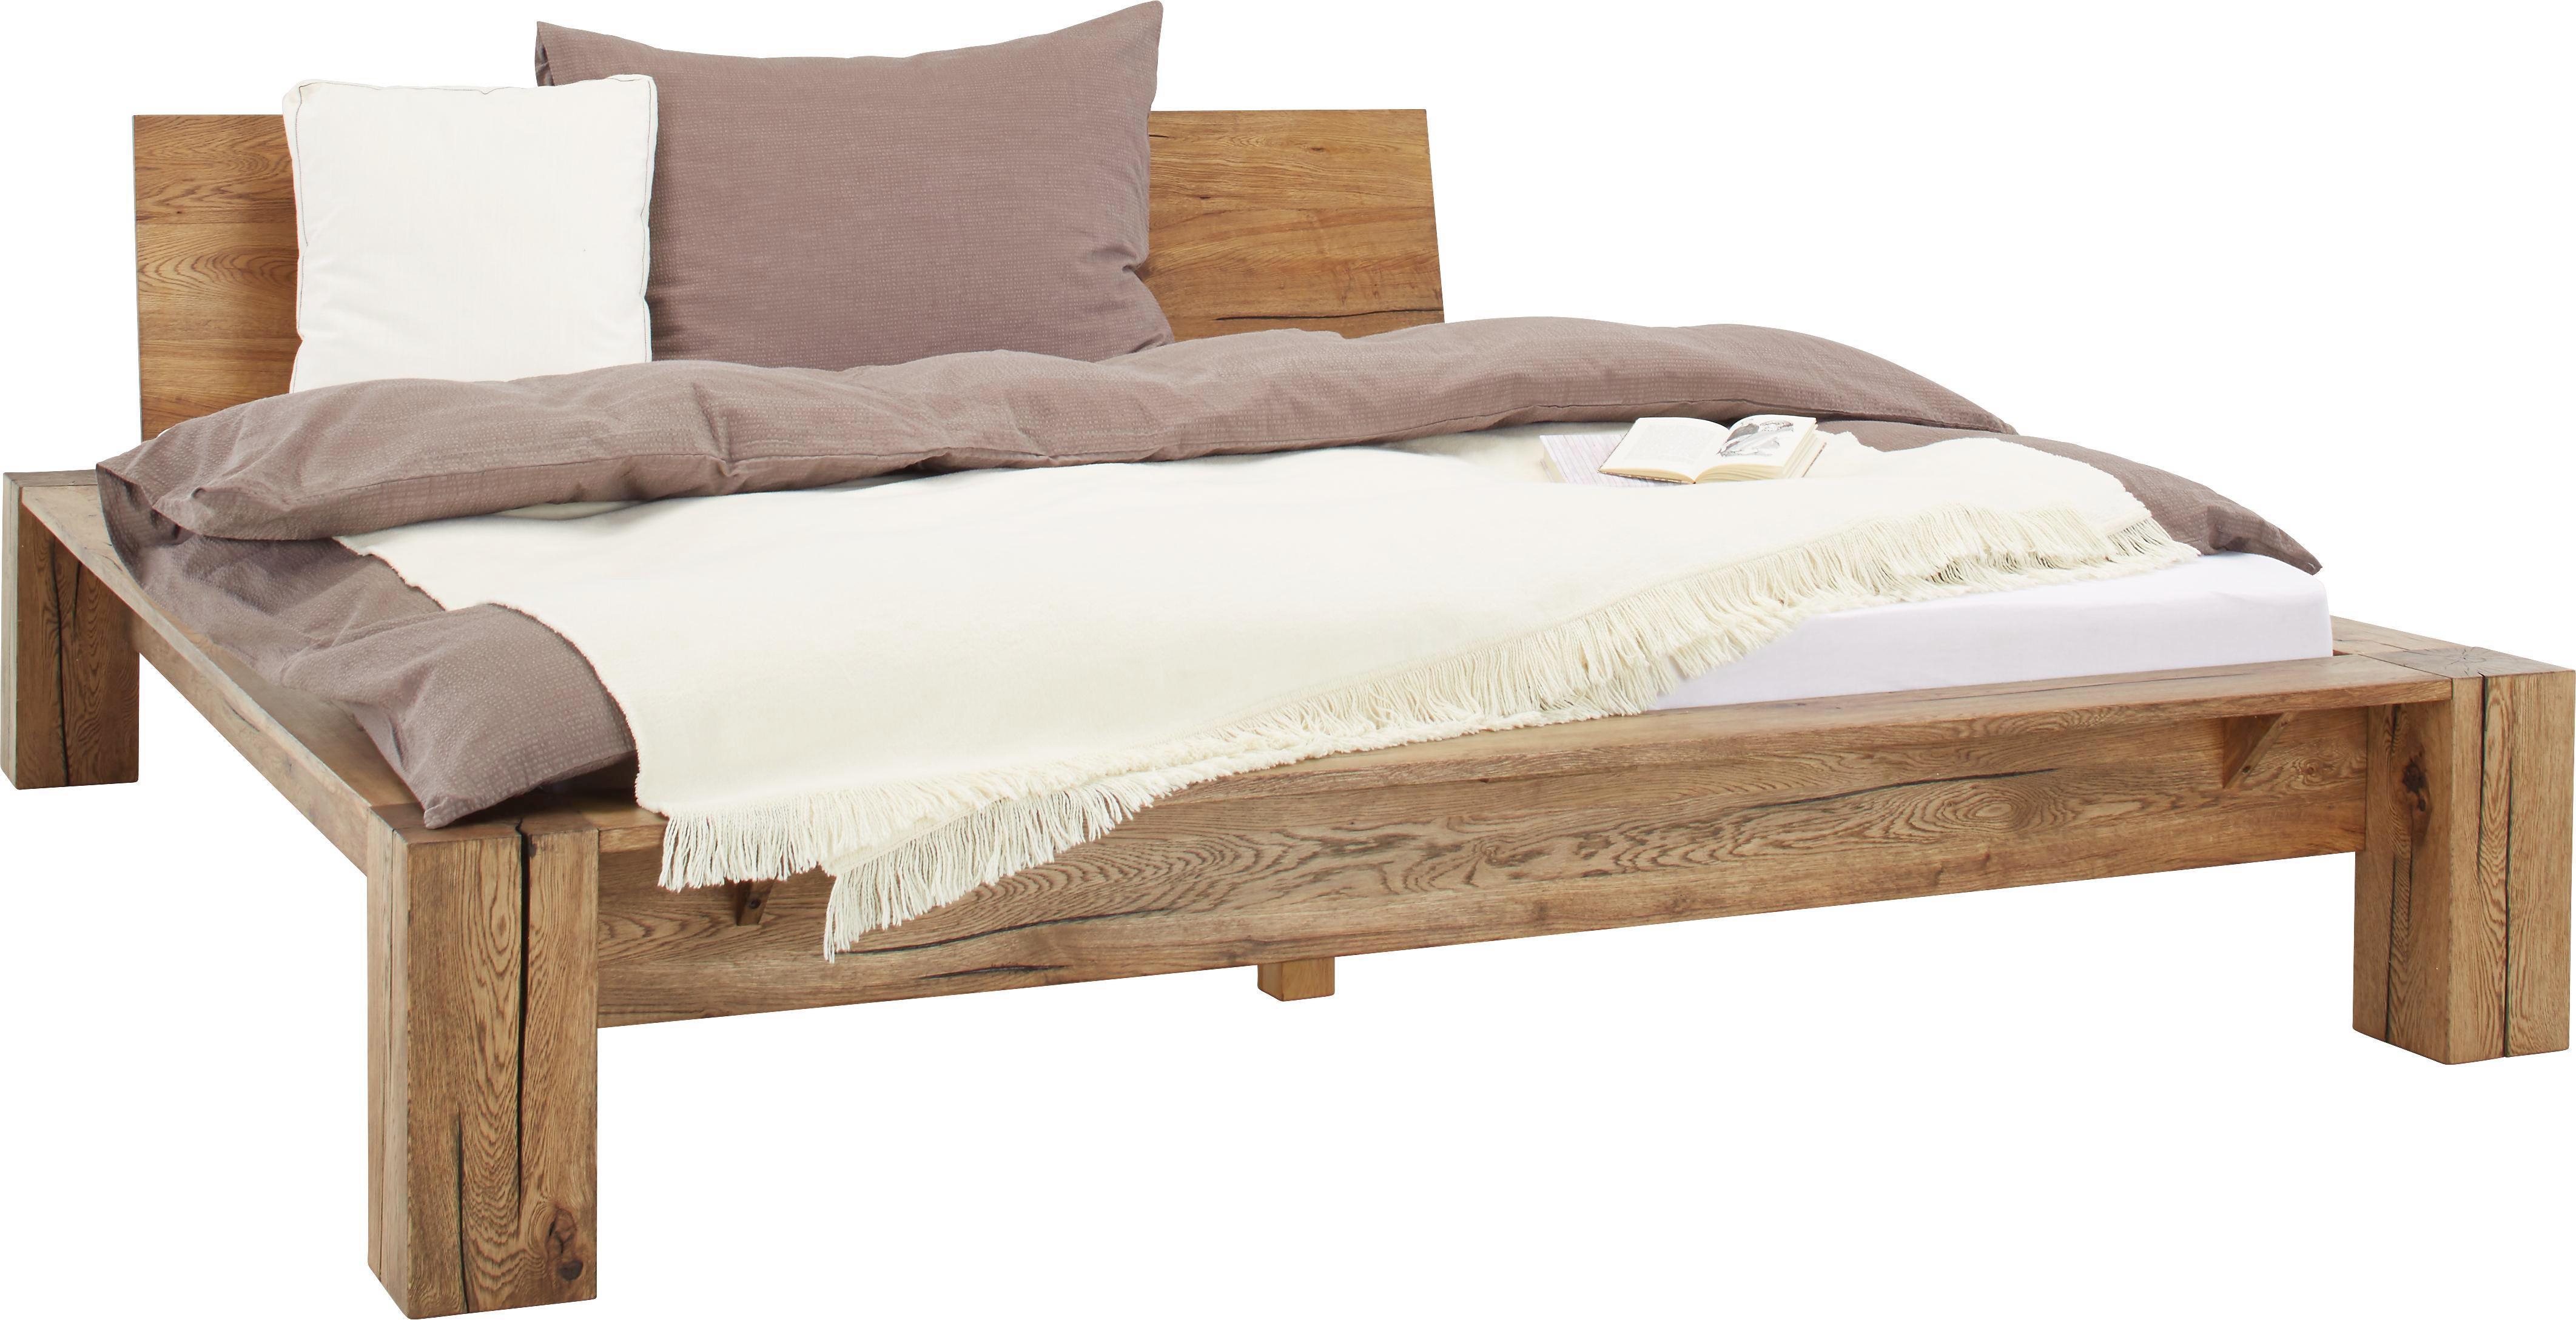 Bett in Eiche, ca. 180x200cm - Eichefarben, ROMANTIK / LANDHAUS, Holz (230/211/73cm) - ZANDIARA